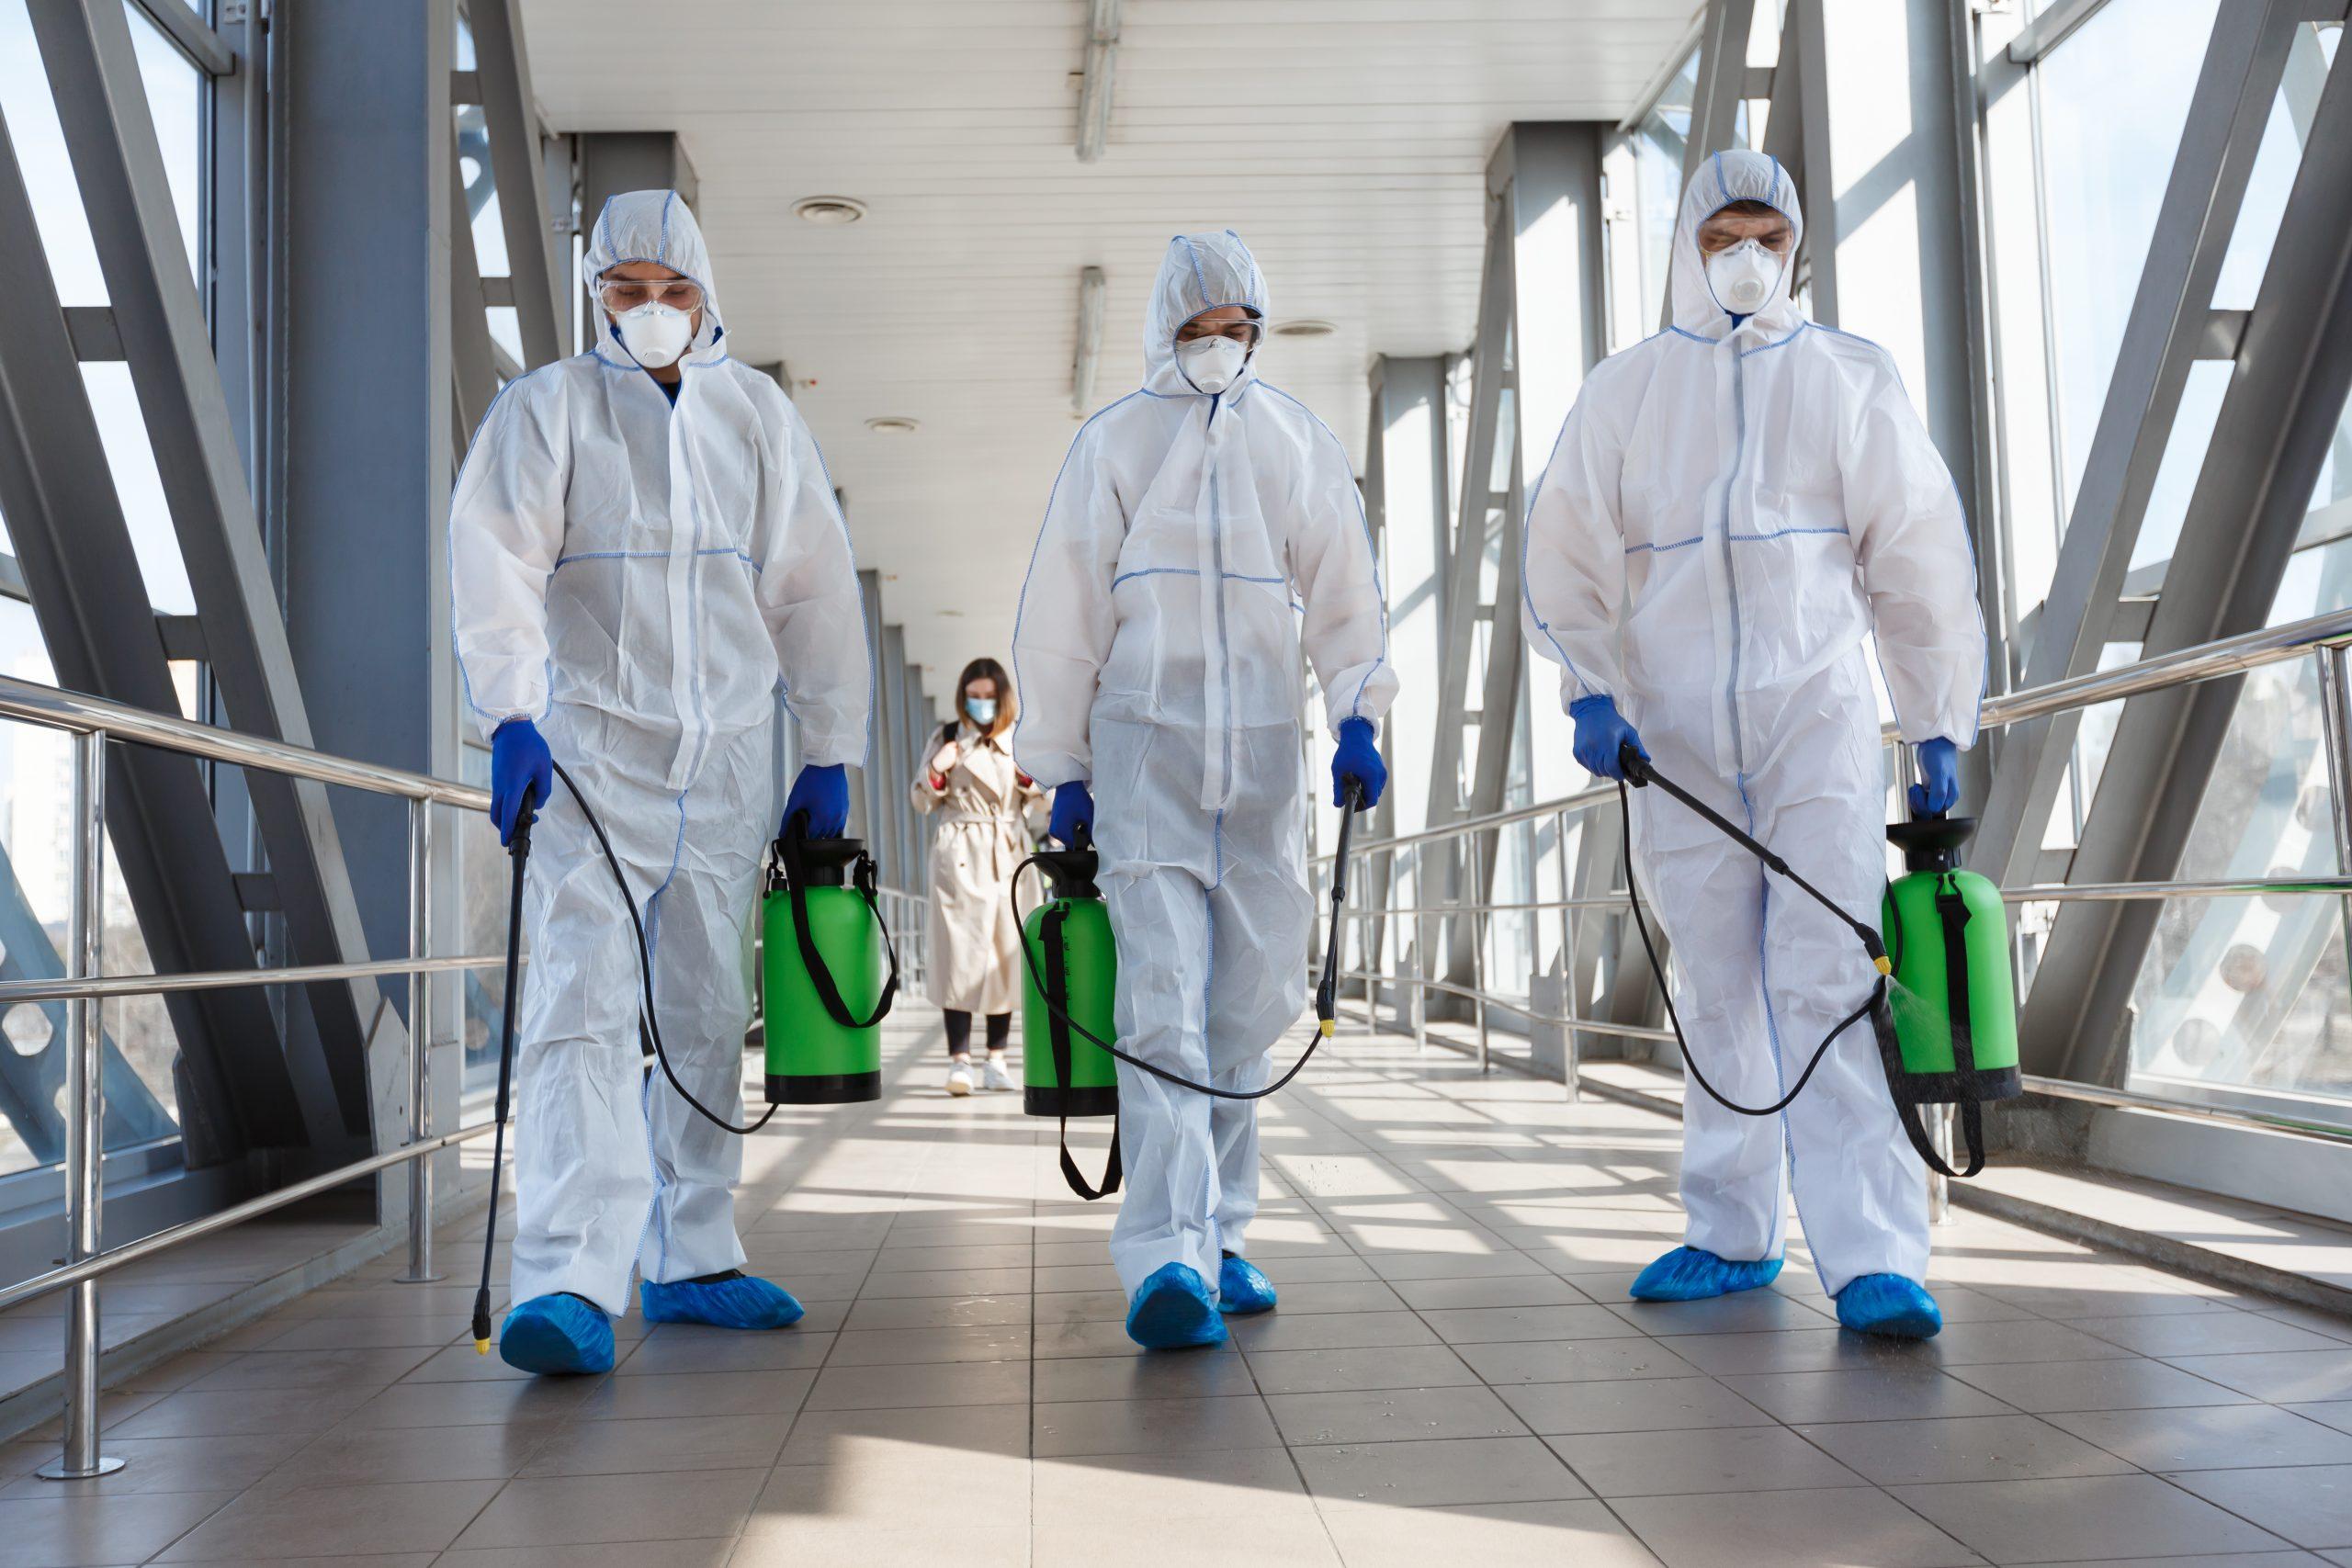 Євген Пенцак: «Пандемія може допомогти Україні перескочити декілька етапів розвитку», автор Євген Пенцак | Kyivstar Business Hub, зображення №1